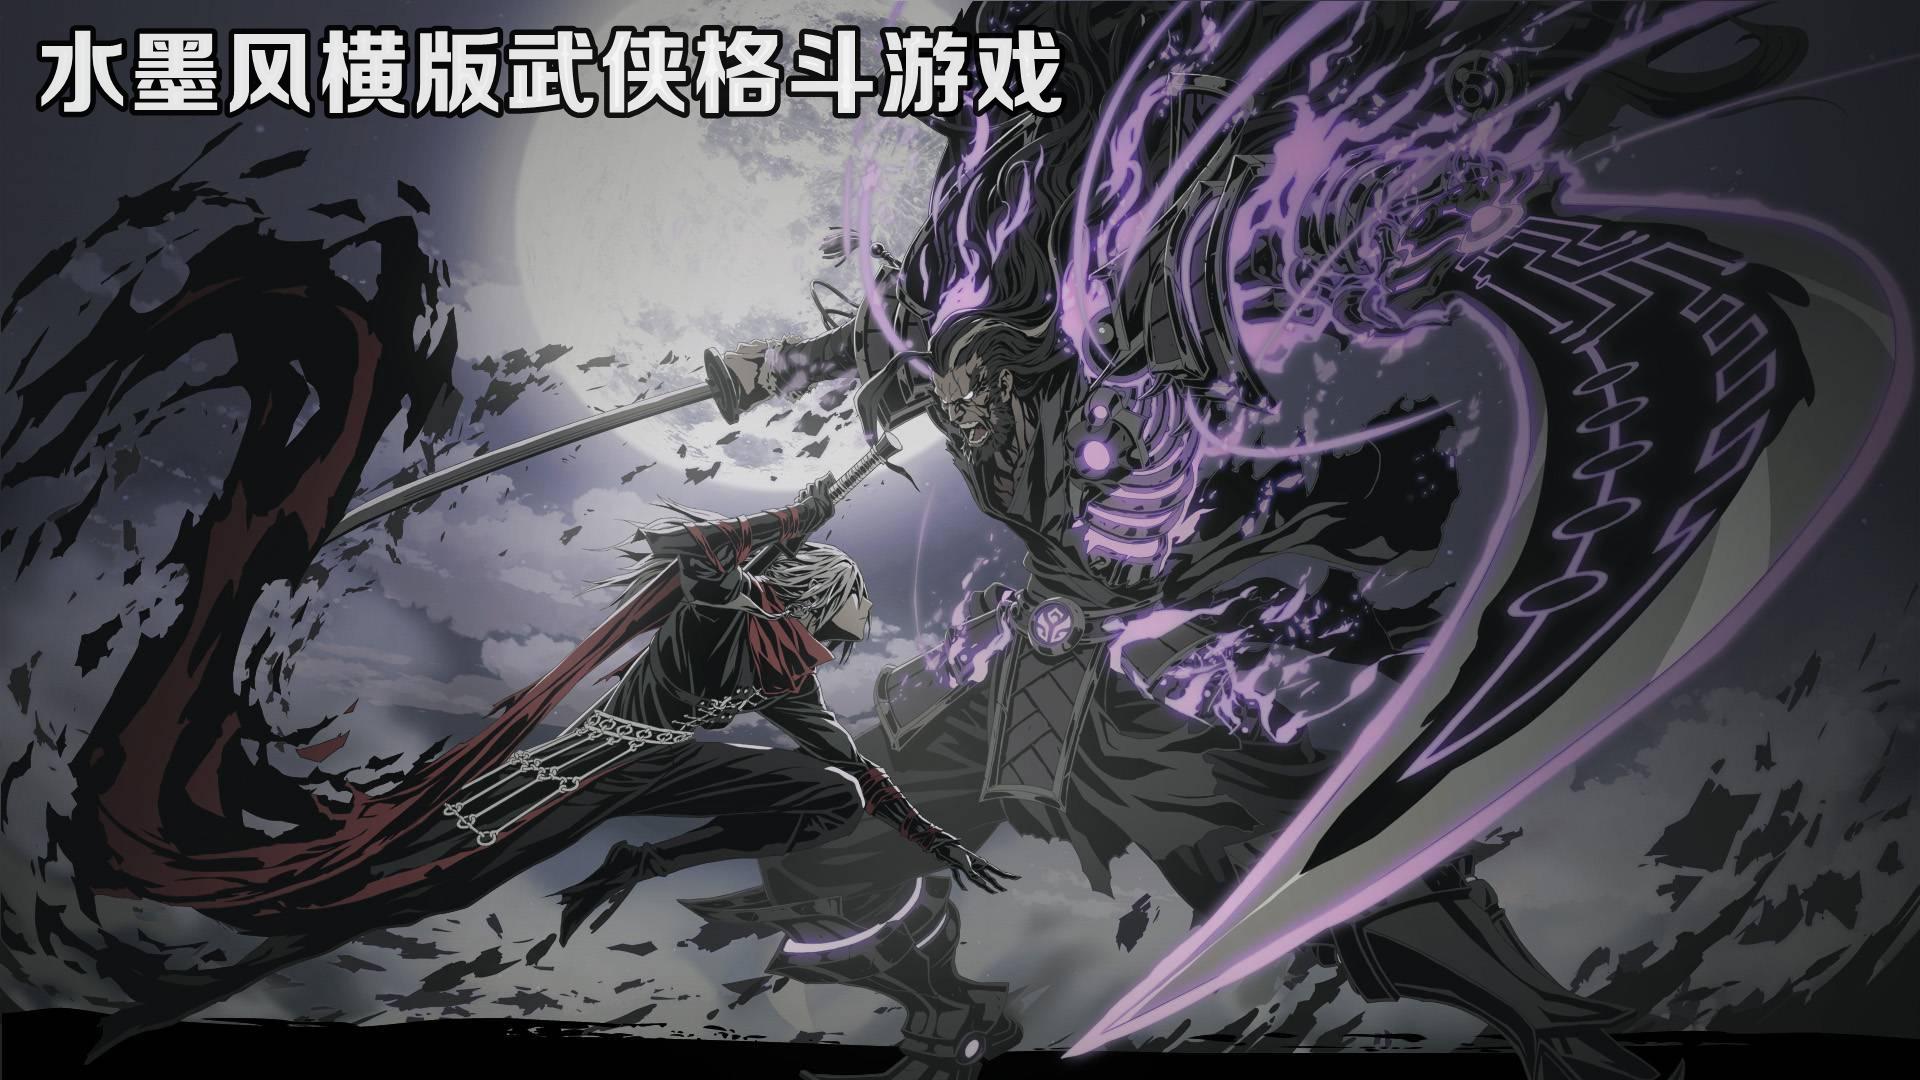 水墨风横版武侠格斗游戏